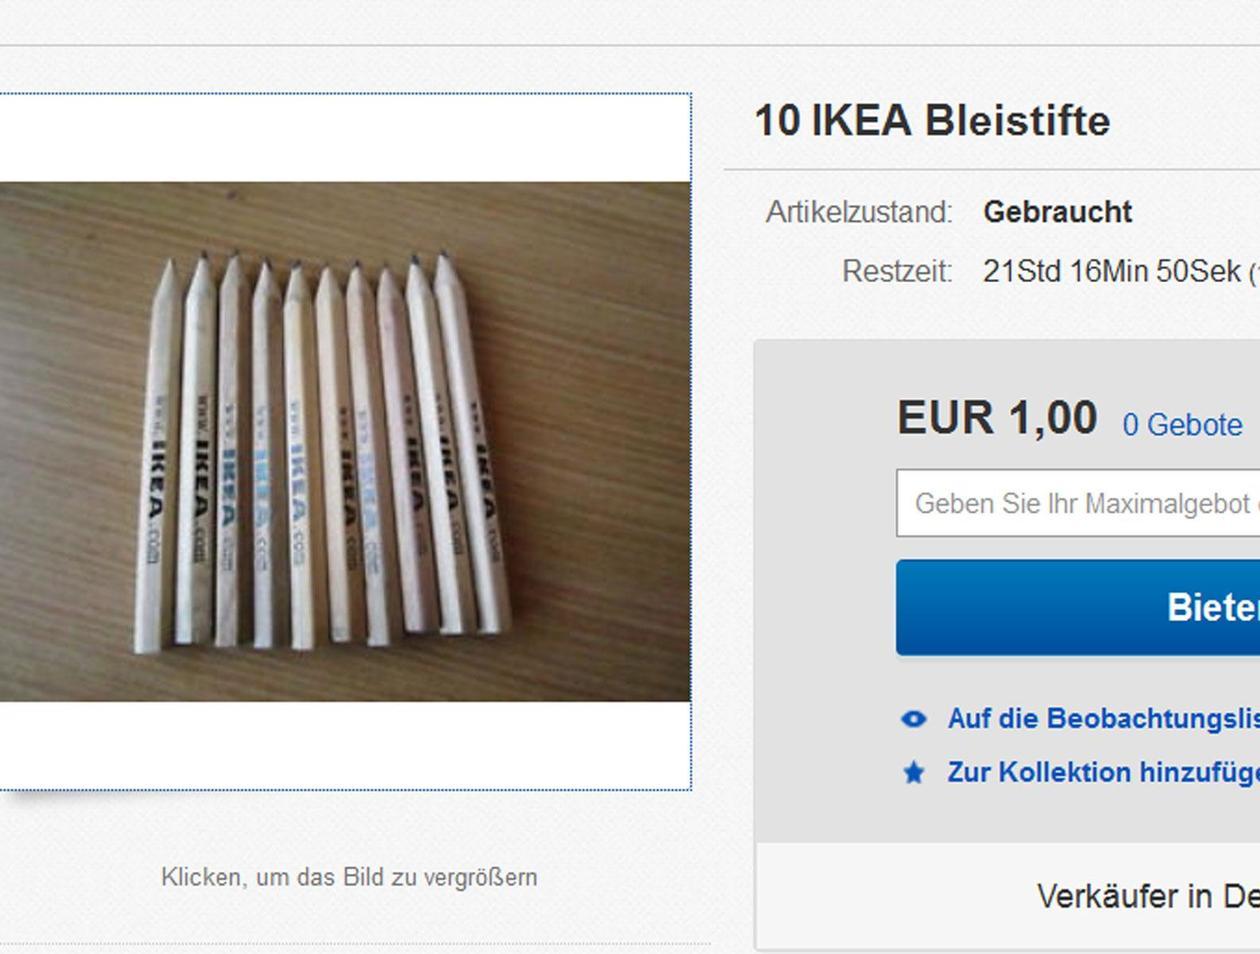 Ist Man Diebstahl Es Was Bleistifte Mitnehmen Die Ikea Darf Oder k8wOXN0nP